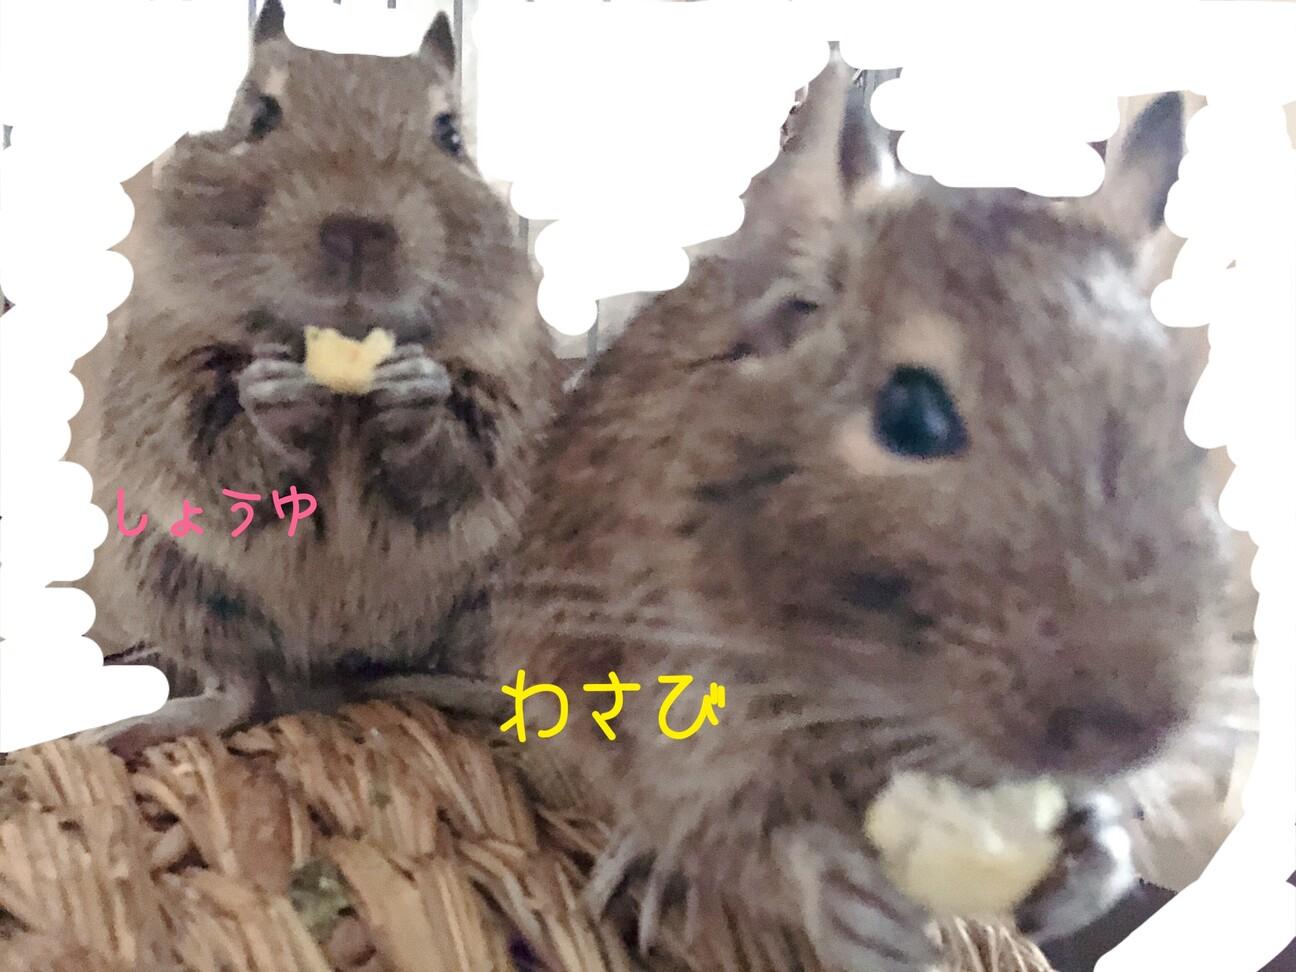 お話中】」大阪府 - 小動物の里親募集(303875) :: ペットのおうち ...